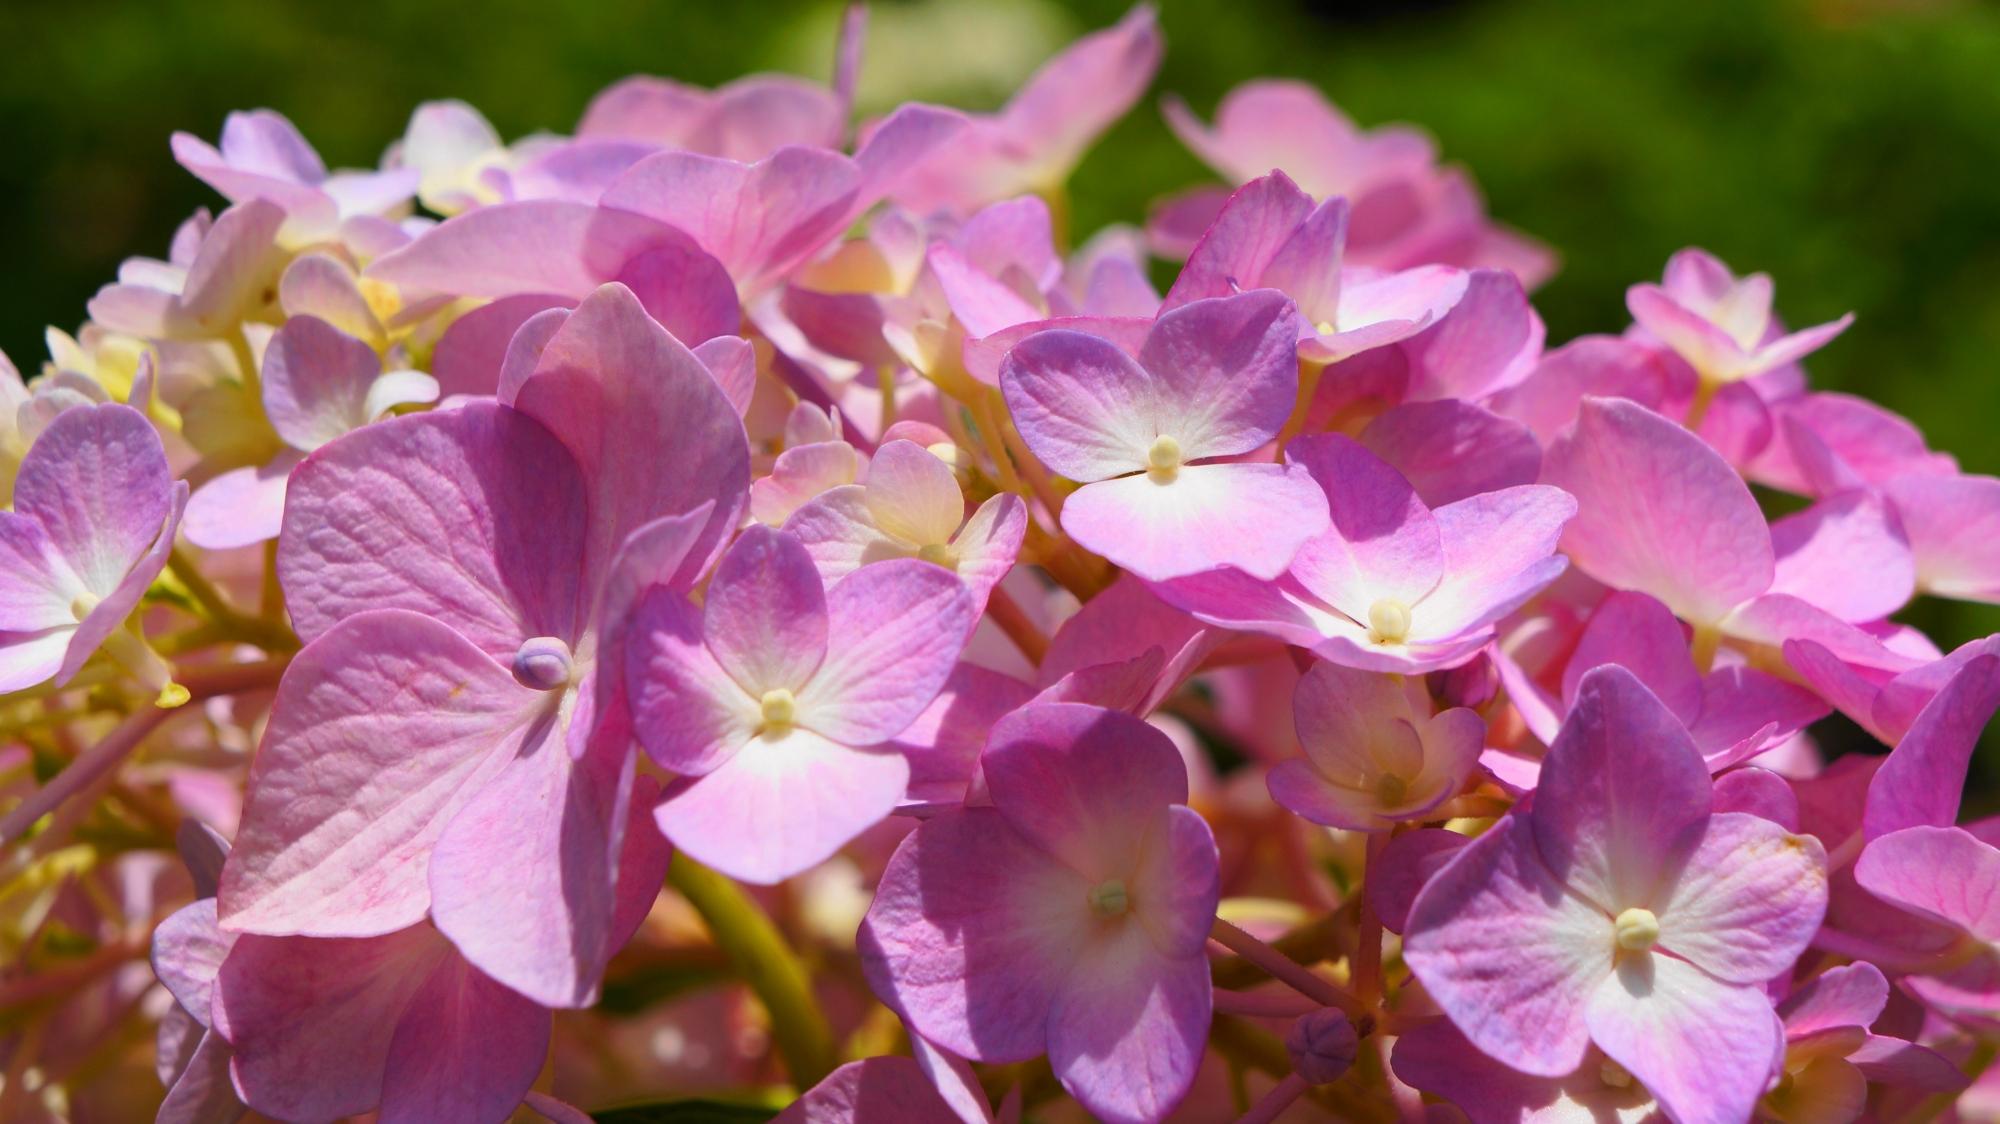 三室戸寺の華やかな輝くピンクの紫陽花